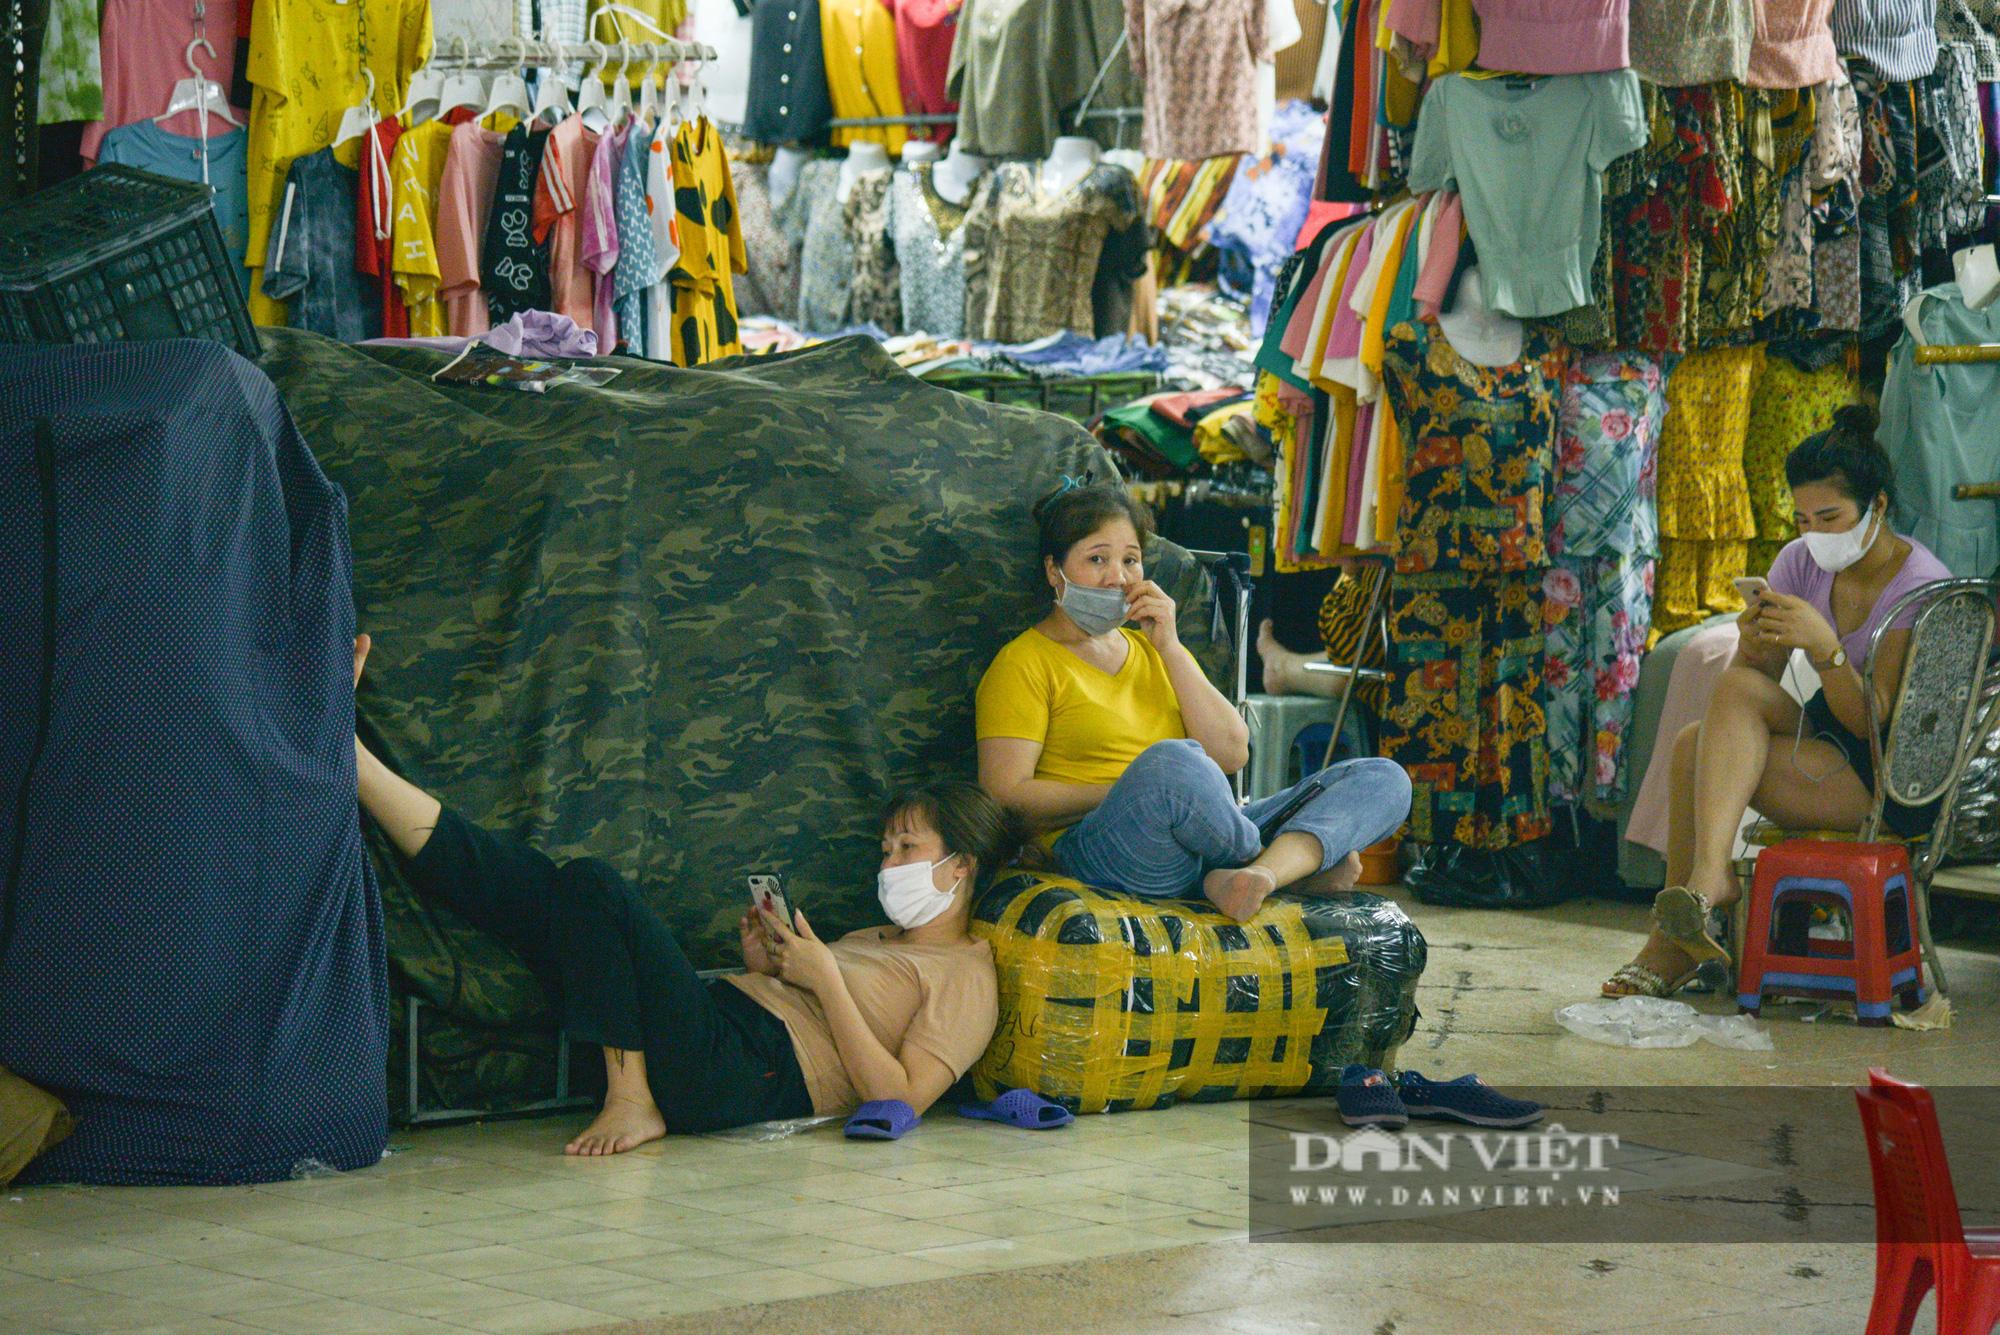 Chợ Đồng Xuân đìu hiu giữa đại dịch Covid-19 - Ảnh 8.